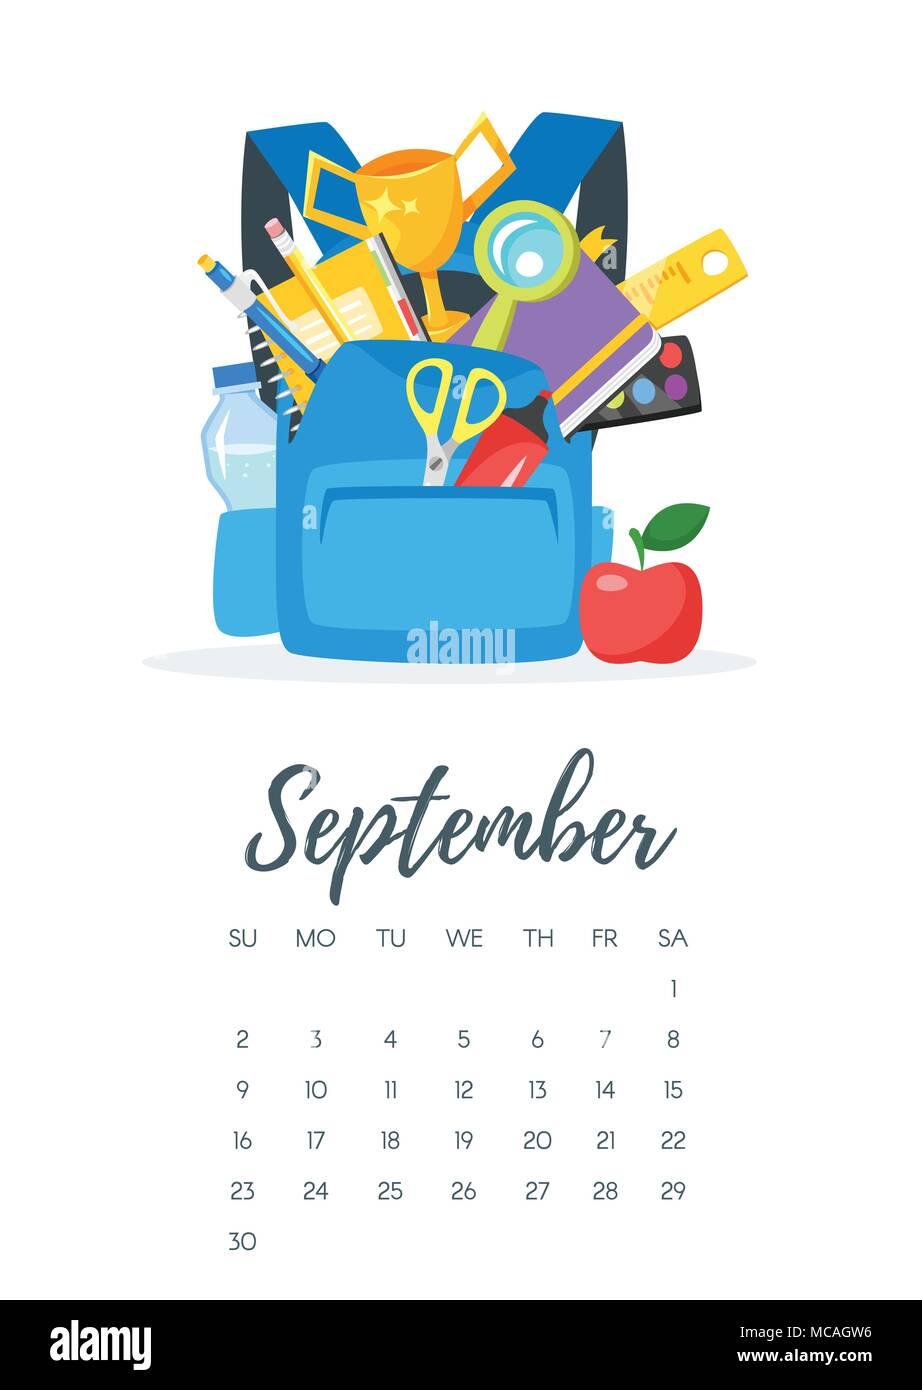 Calendario Dibujo Septiembre.Ilustracion Del Estilo De Dibujos Animados De Vectores De